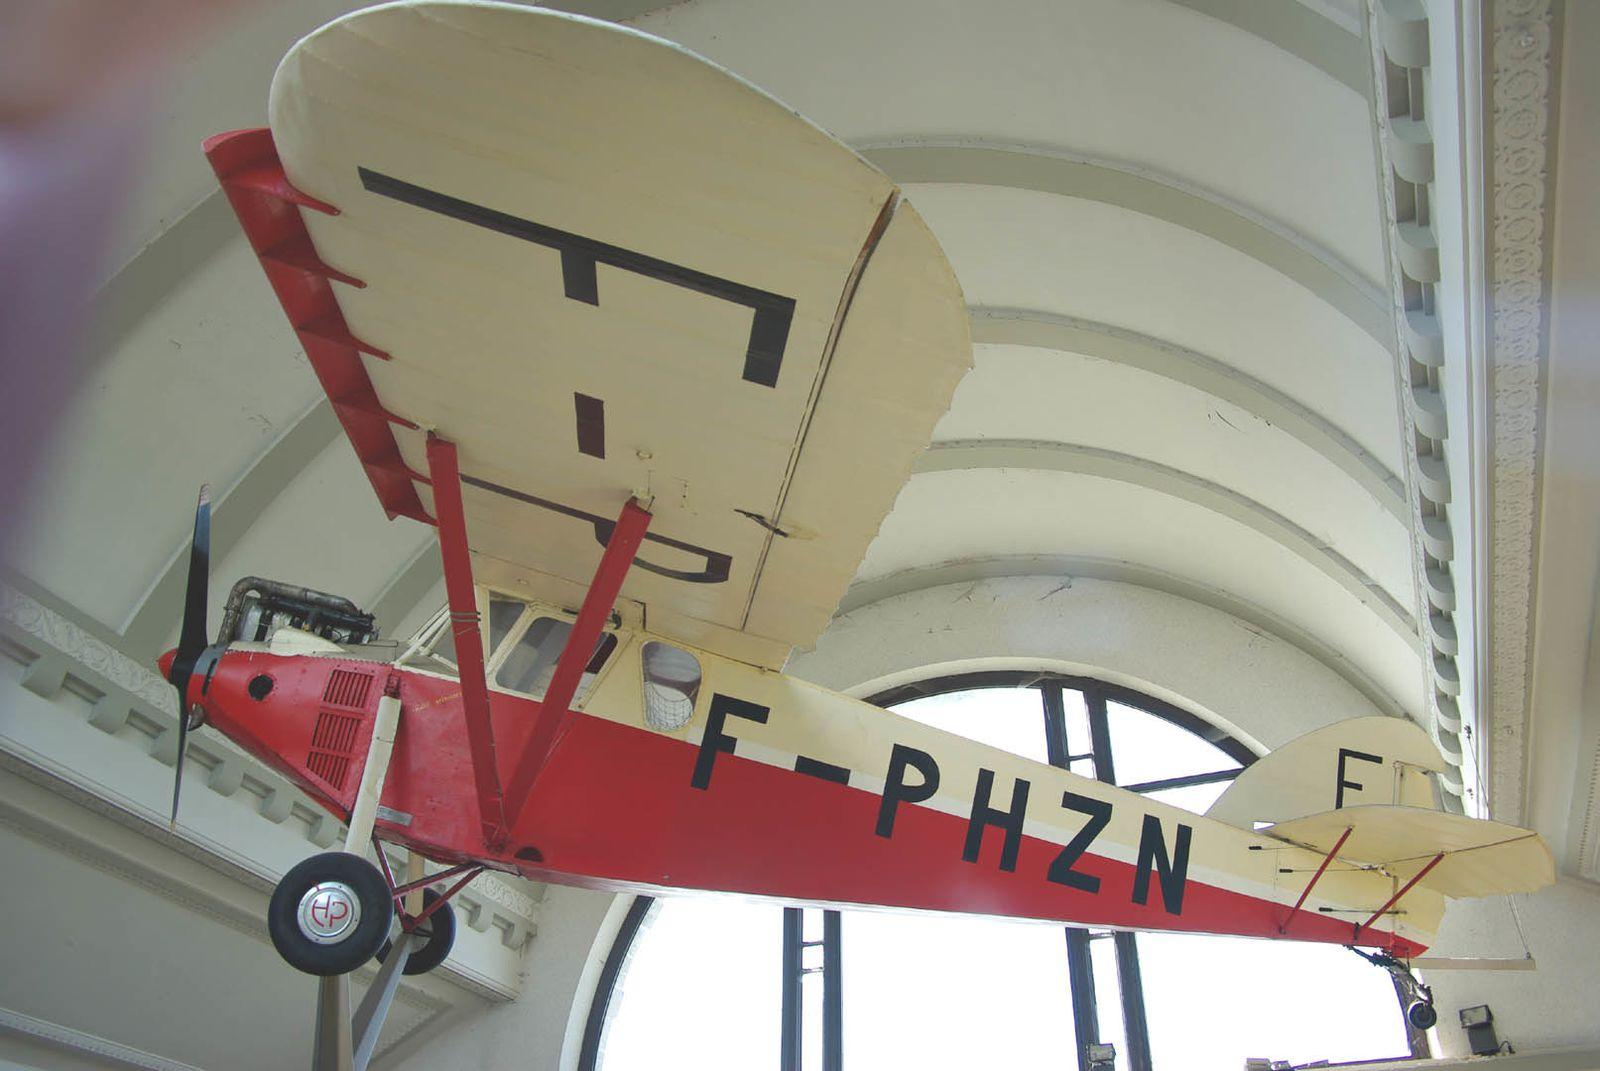 Le Potez 36 N°3207 F-PHZN exposé dans la gare de la ville d'Albert.